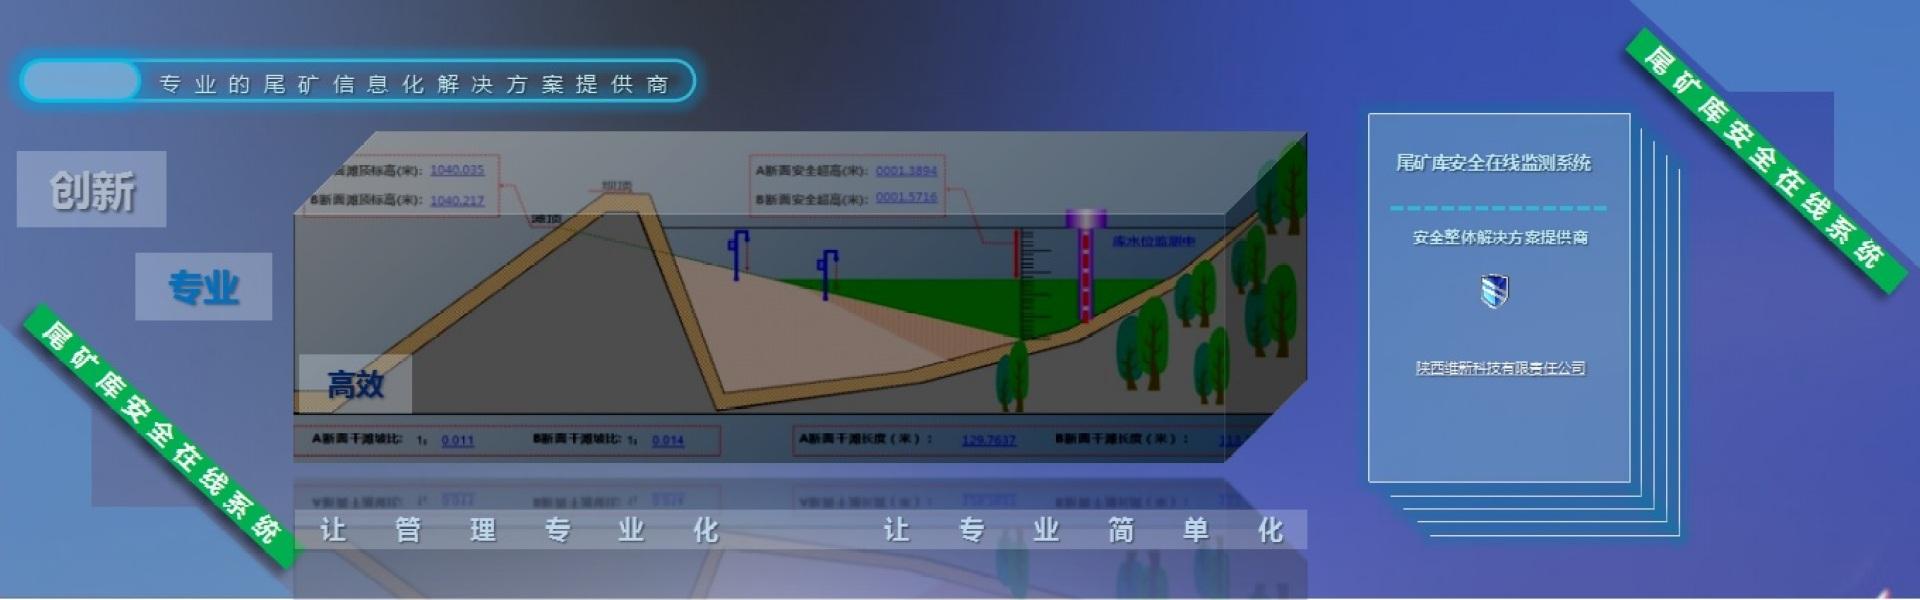 尾矿库在线监测系统